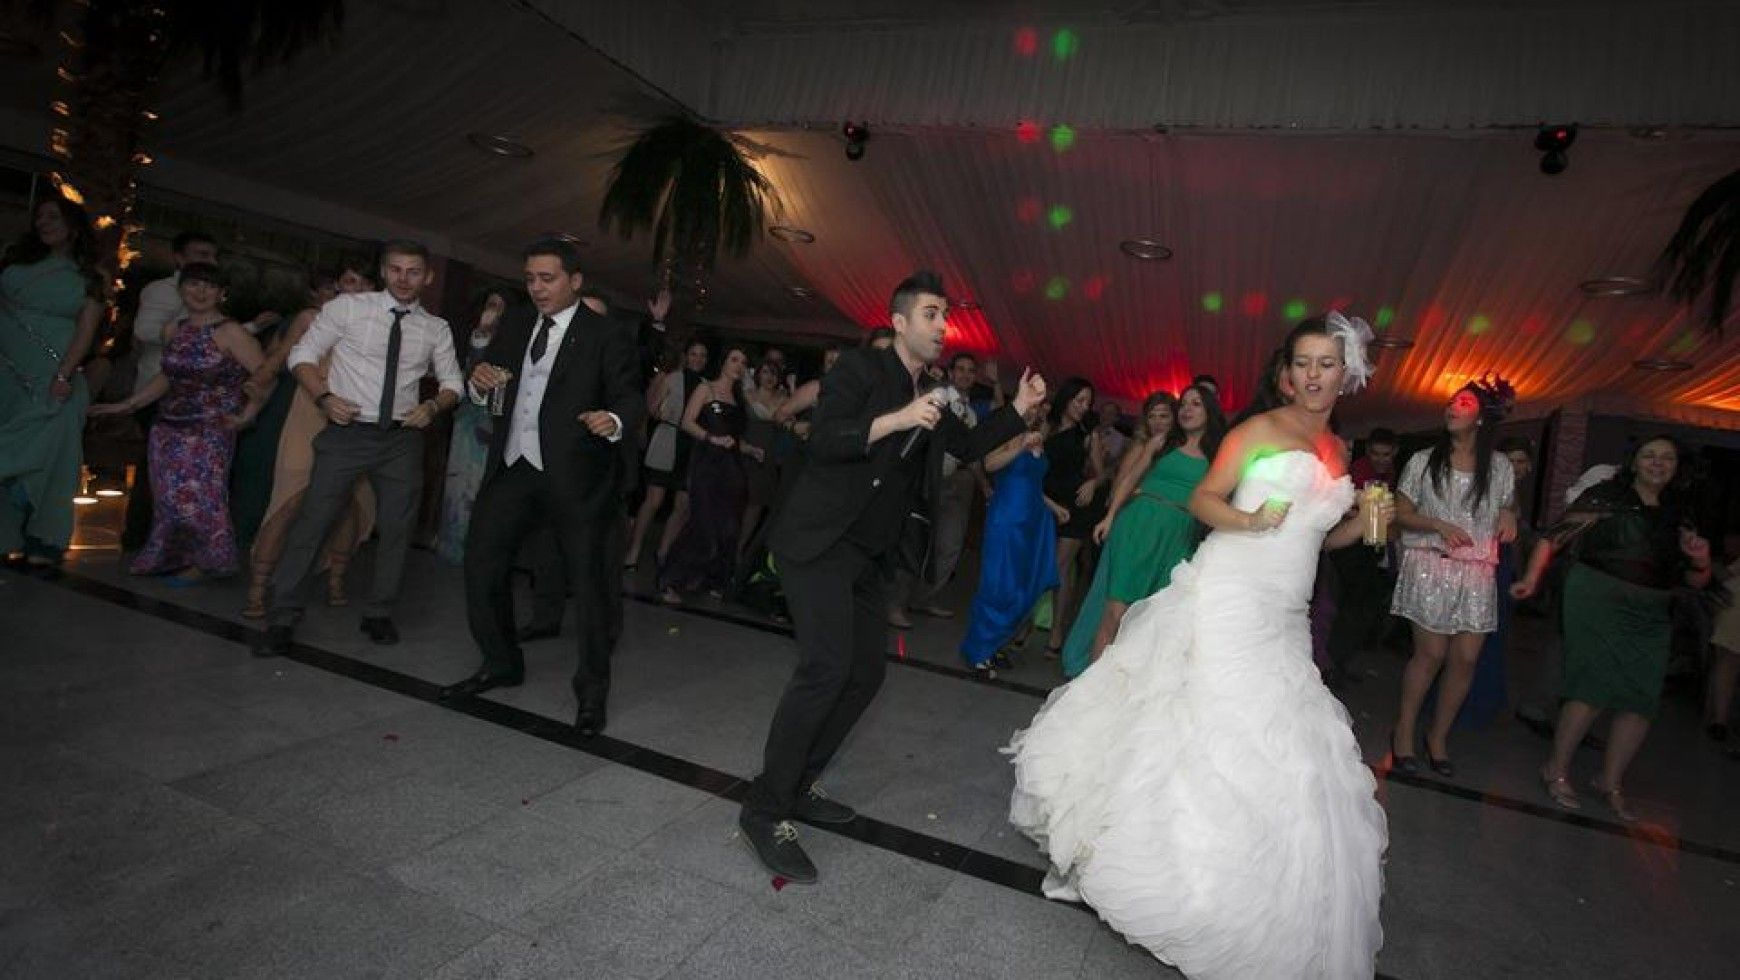 Los 5 servicios mas divertidos para tu boda!! tu éxito depende de ellos